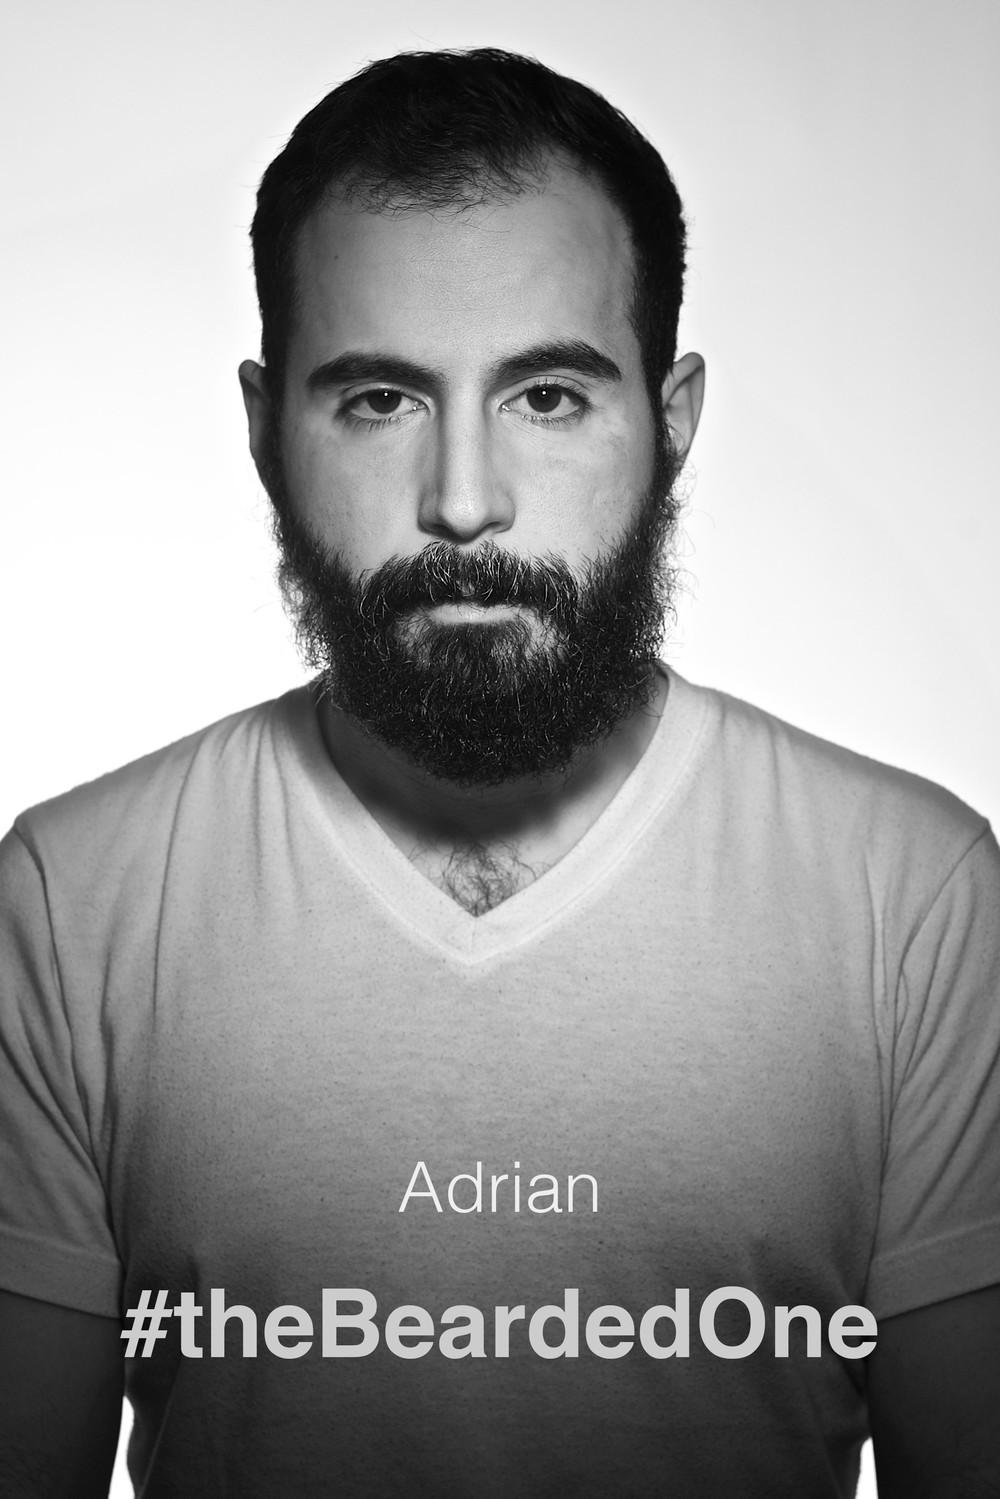 adrian_romero 36.jpg